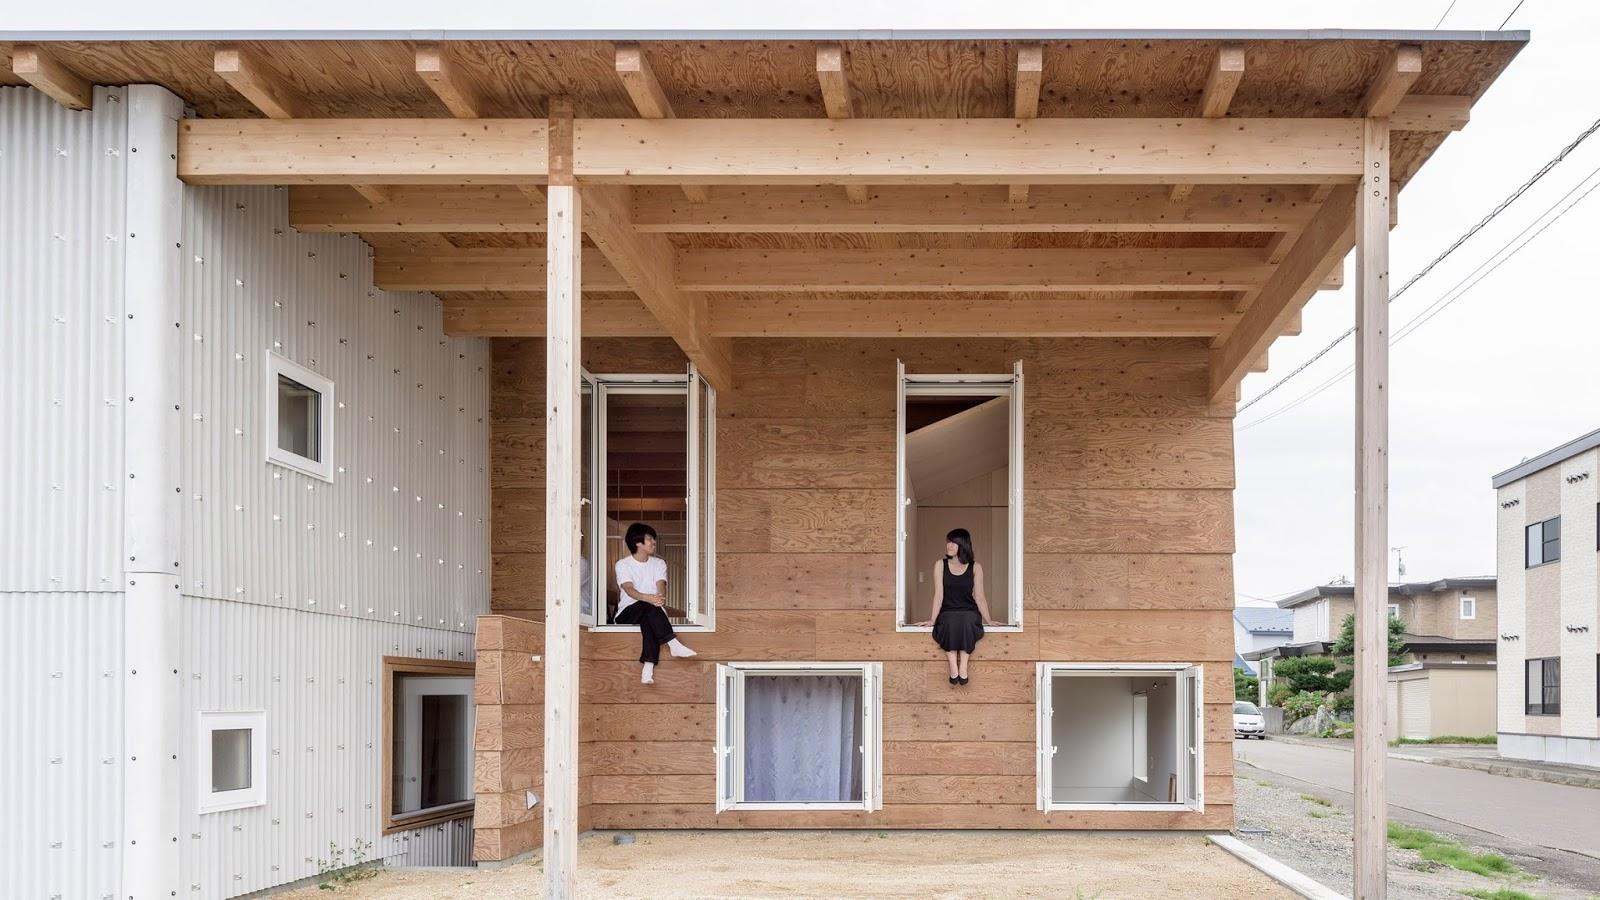 Casa in hokkaido pensata per contrastare la neve durante l for Piccoli piani casa del sud del cottage